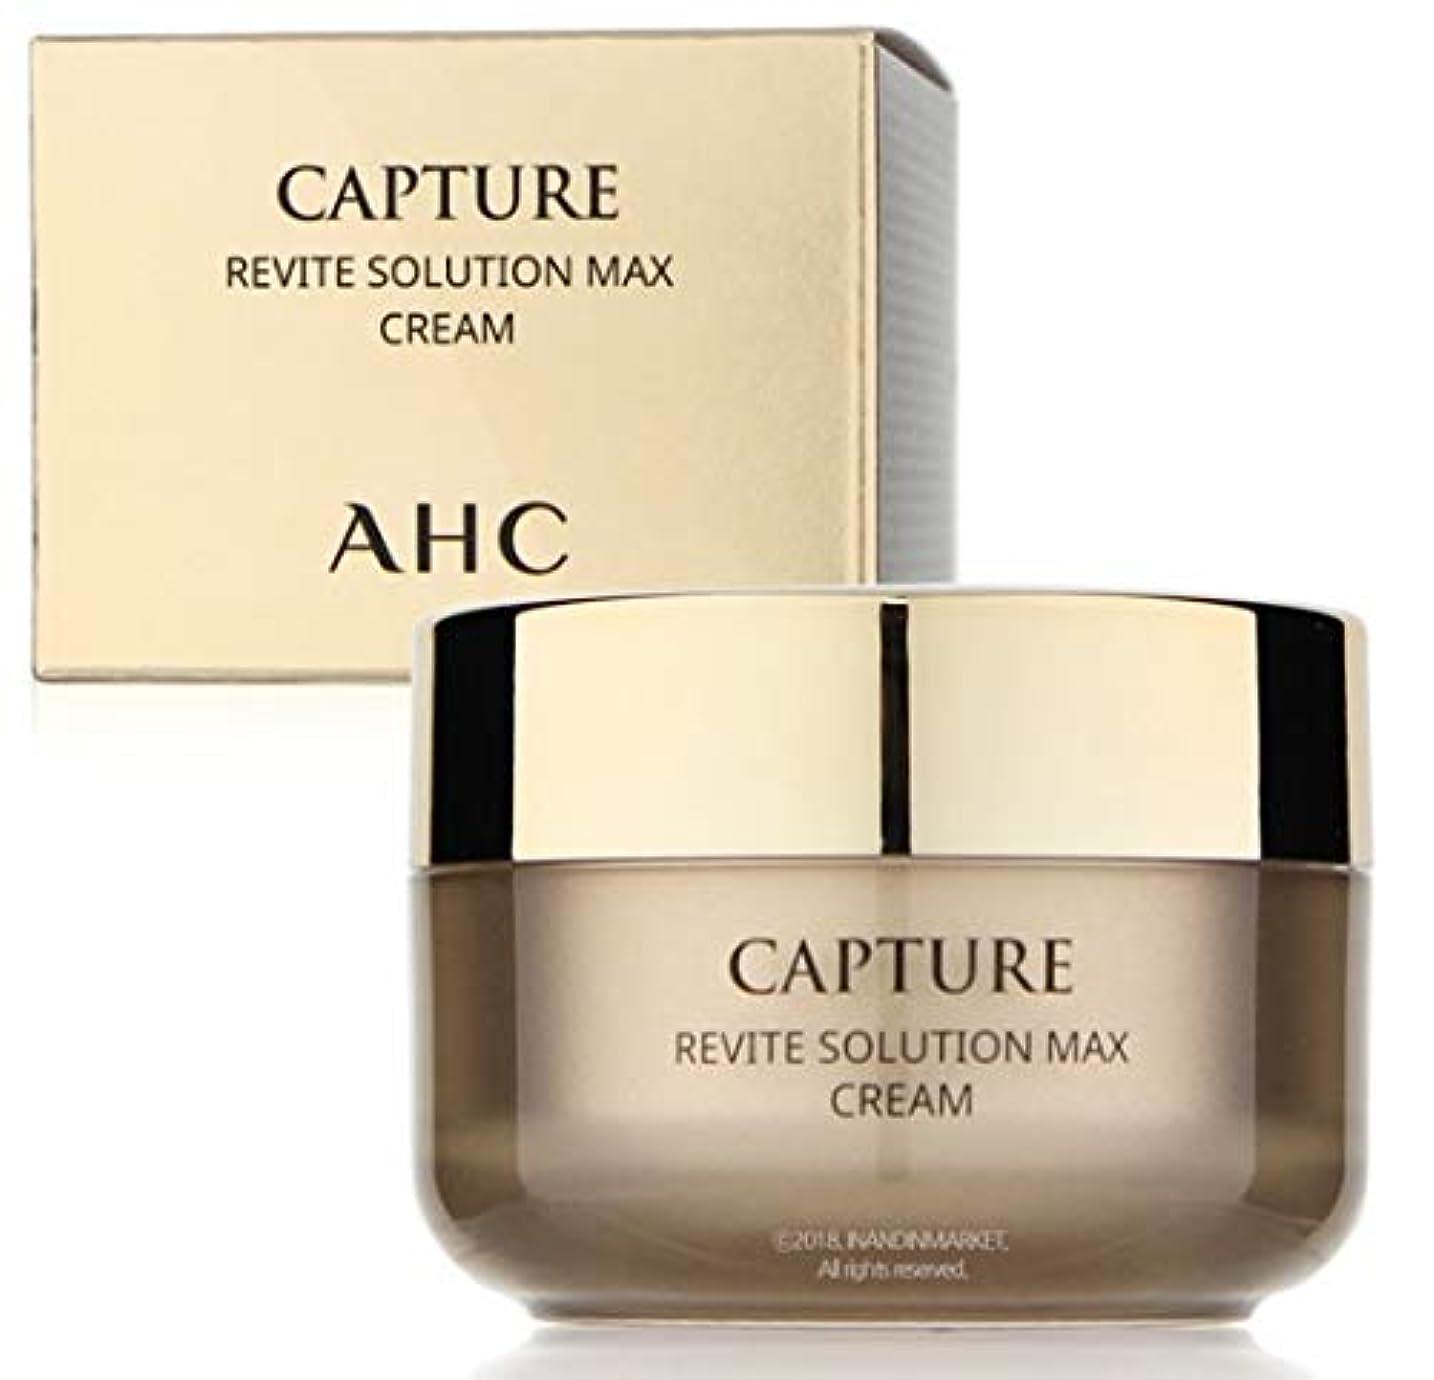 旅行者王位証人AHC Capture Revite Solution Max Cream/キャプチャー リバイト ソリューション マックス クリーム 50ml [並行輸入品]